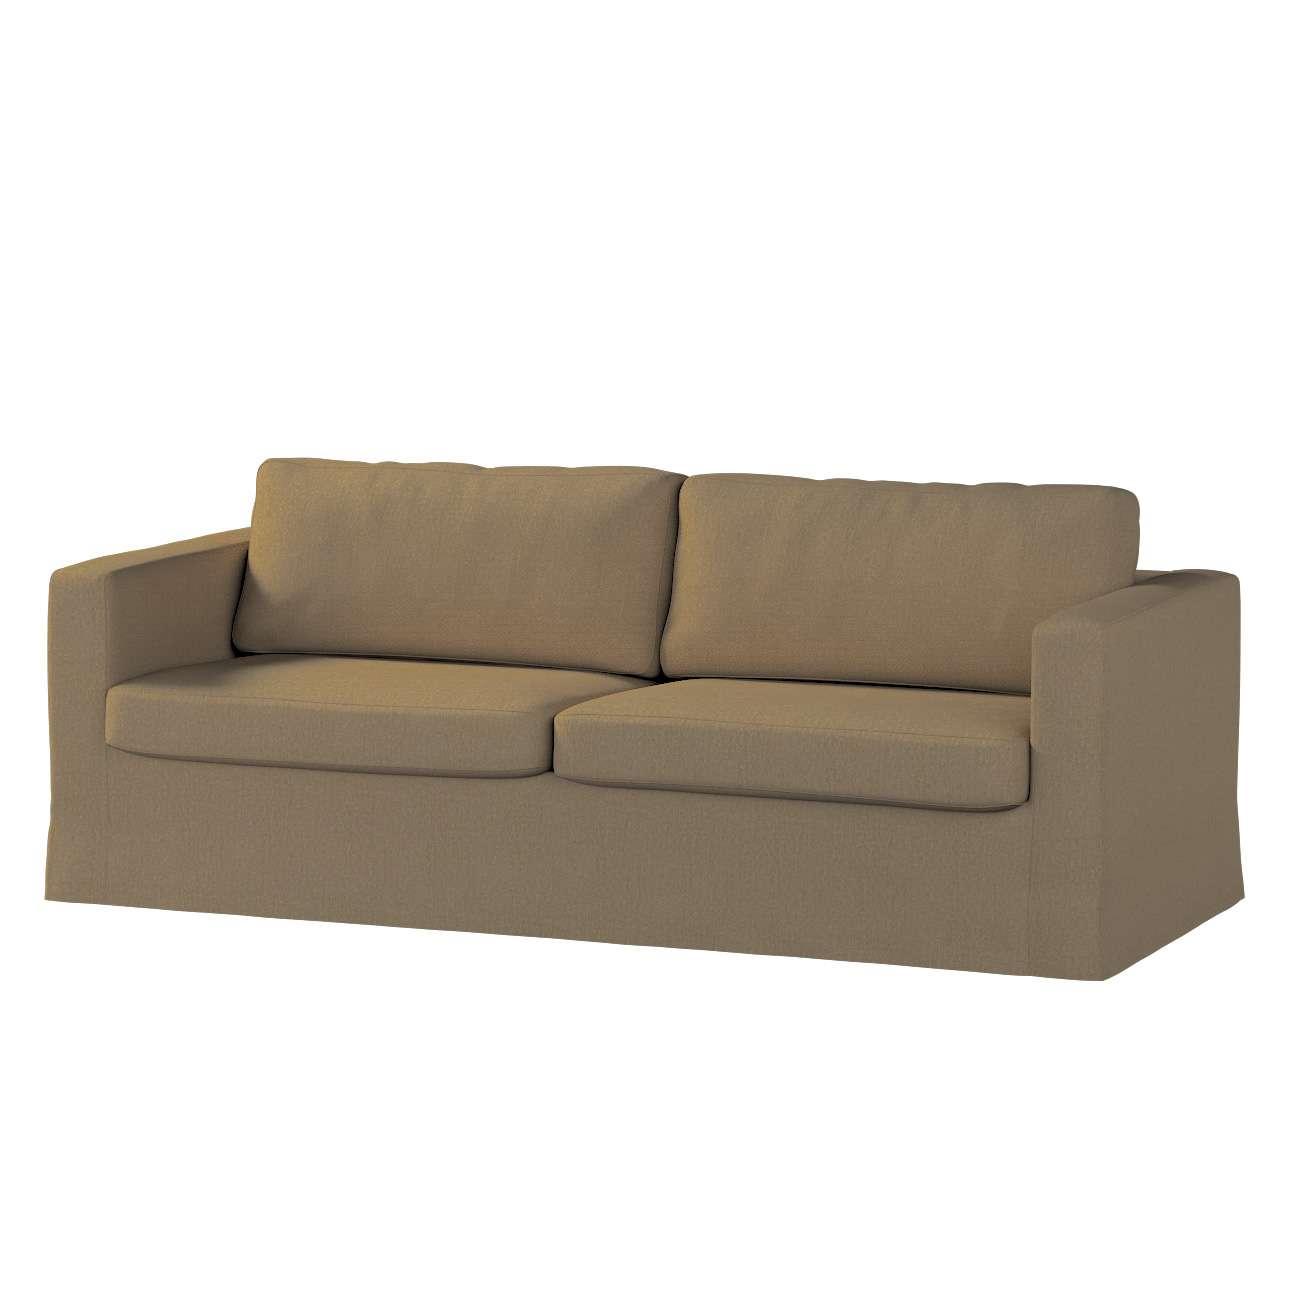 Pokrowiec na sofę Karlstad 3-osobową nierozkładaną, długi Sofa Karlstad 3-osobowa w kolekcji Chenille, tkanina: 702-21